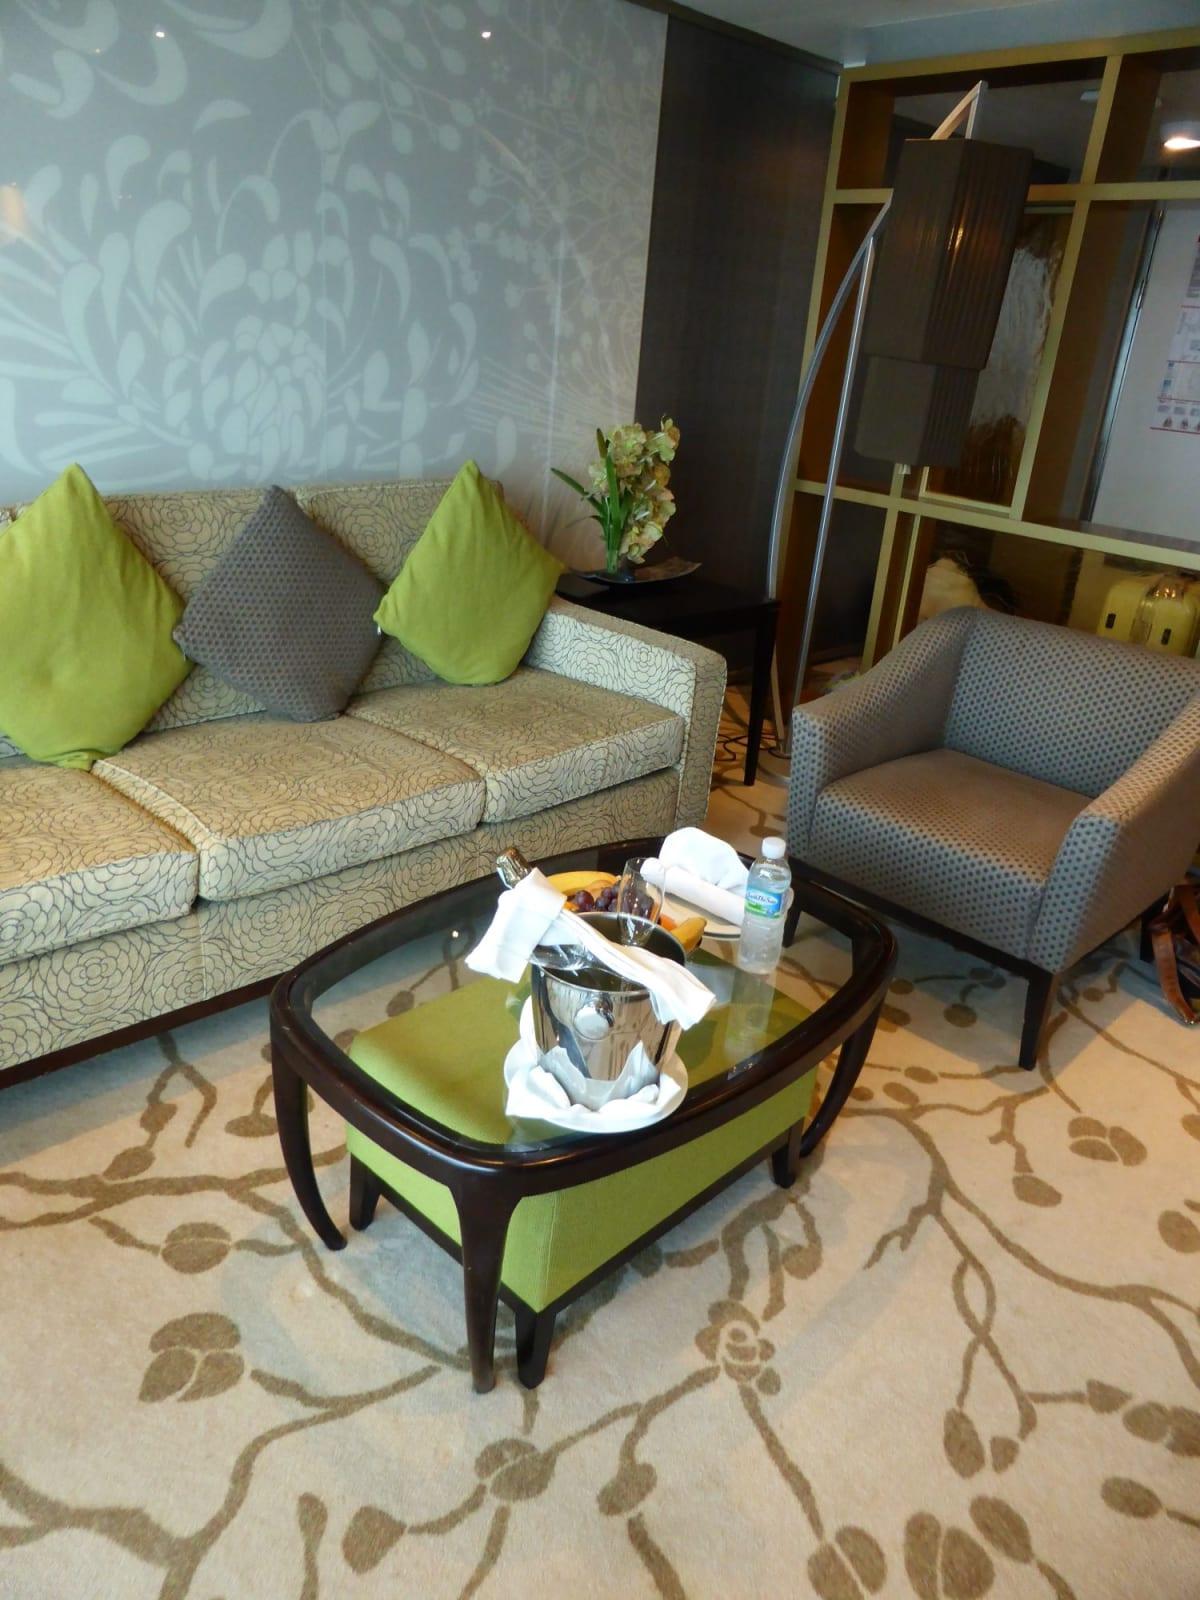 ウエルカムシャンパン | 客船コスタ・ネオロマンチカの客室